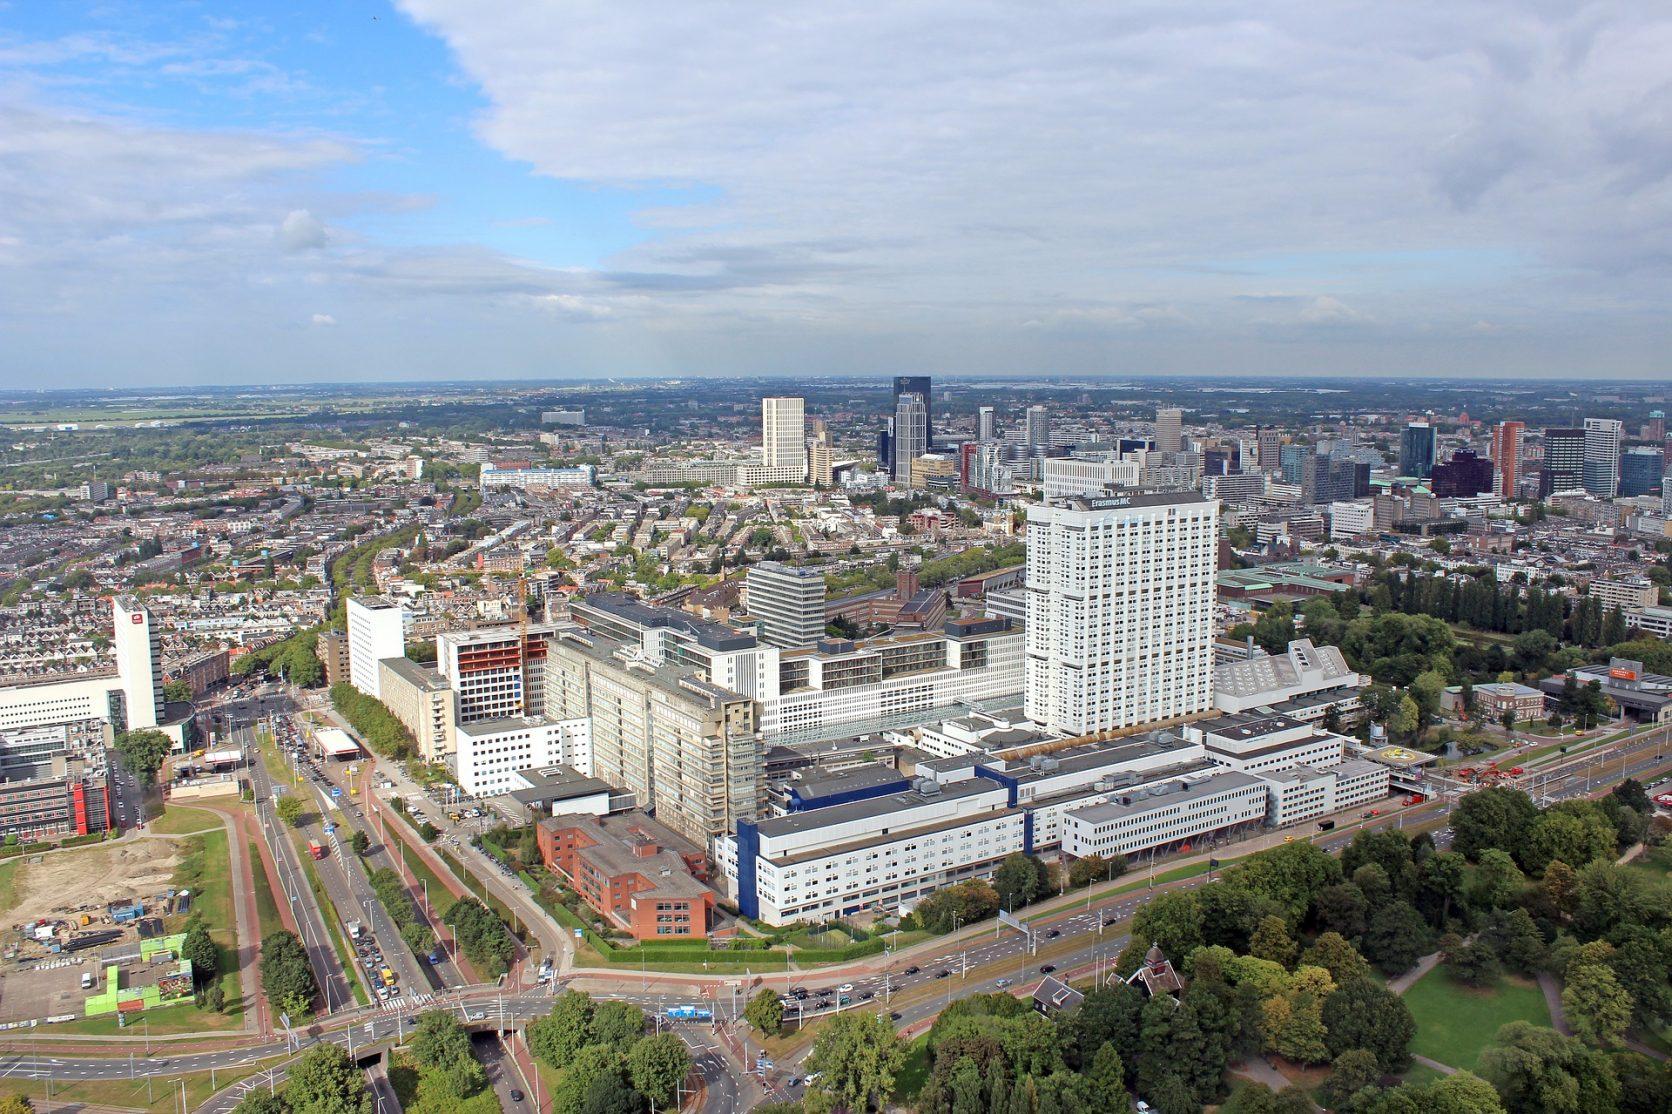 Erasmus MC Rotterdam overzichtsfoto voorzien van verbindingsbrug